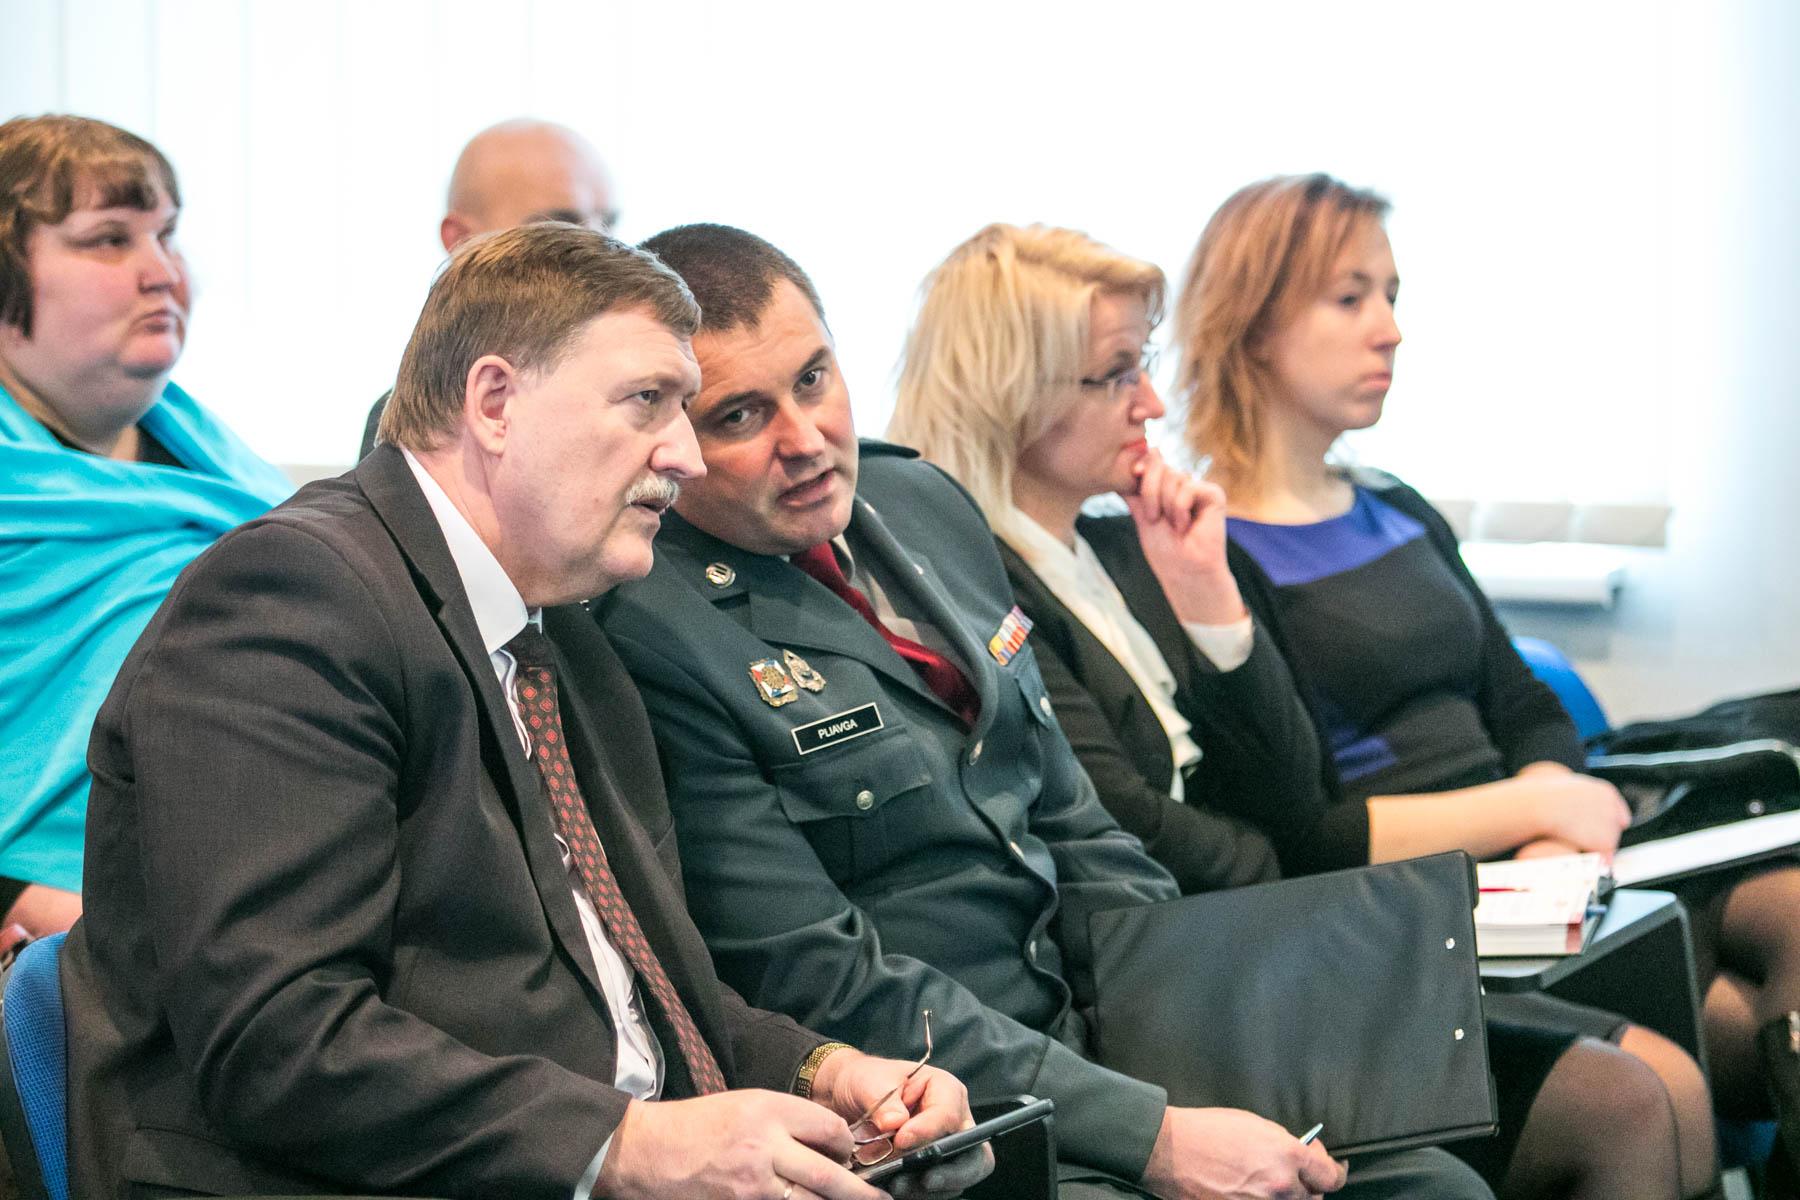 Konferencija apie smurtą artimoje aplinkoje